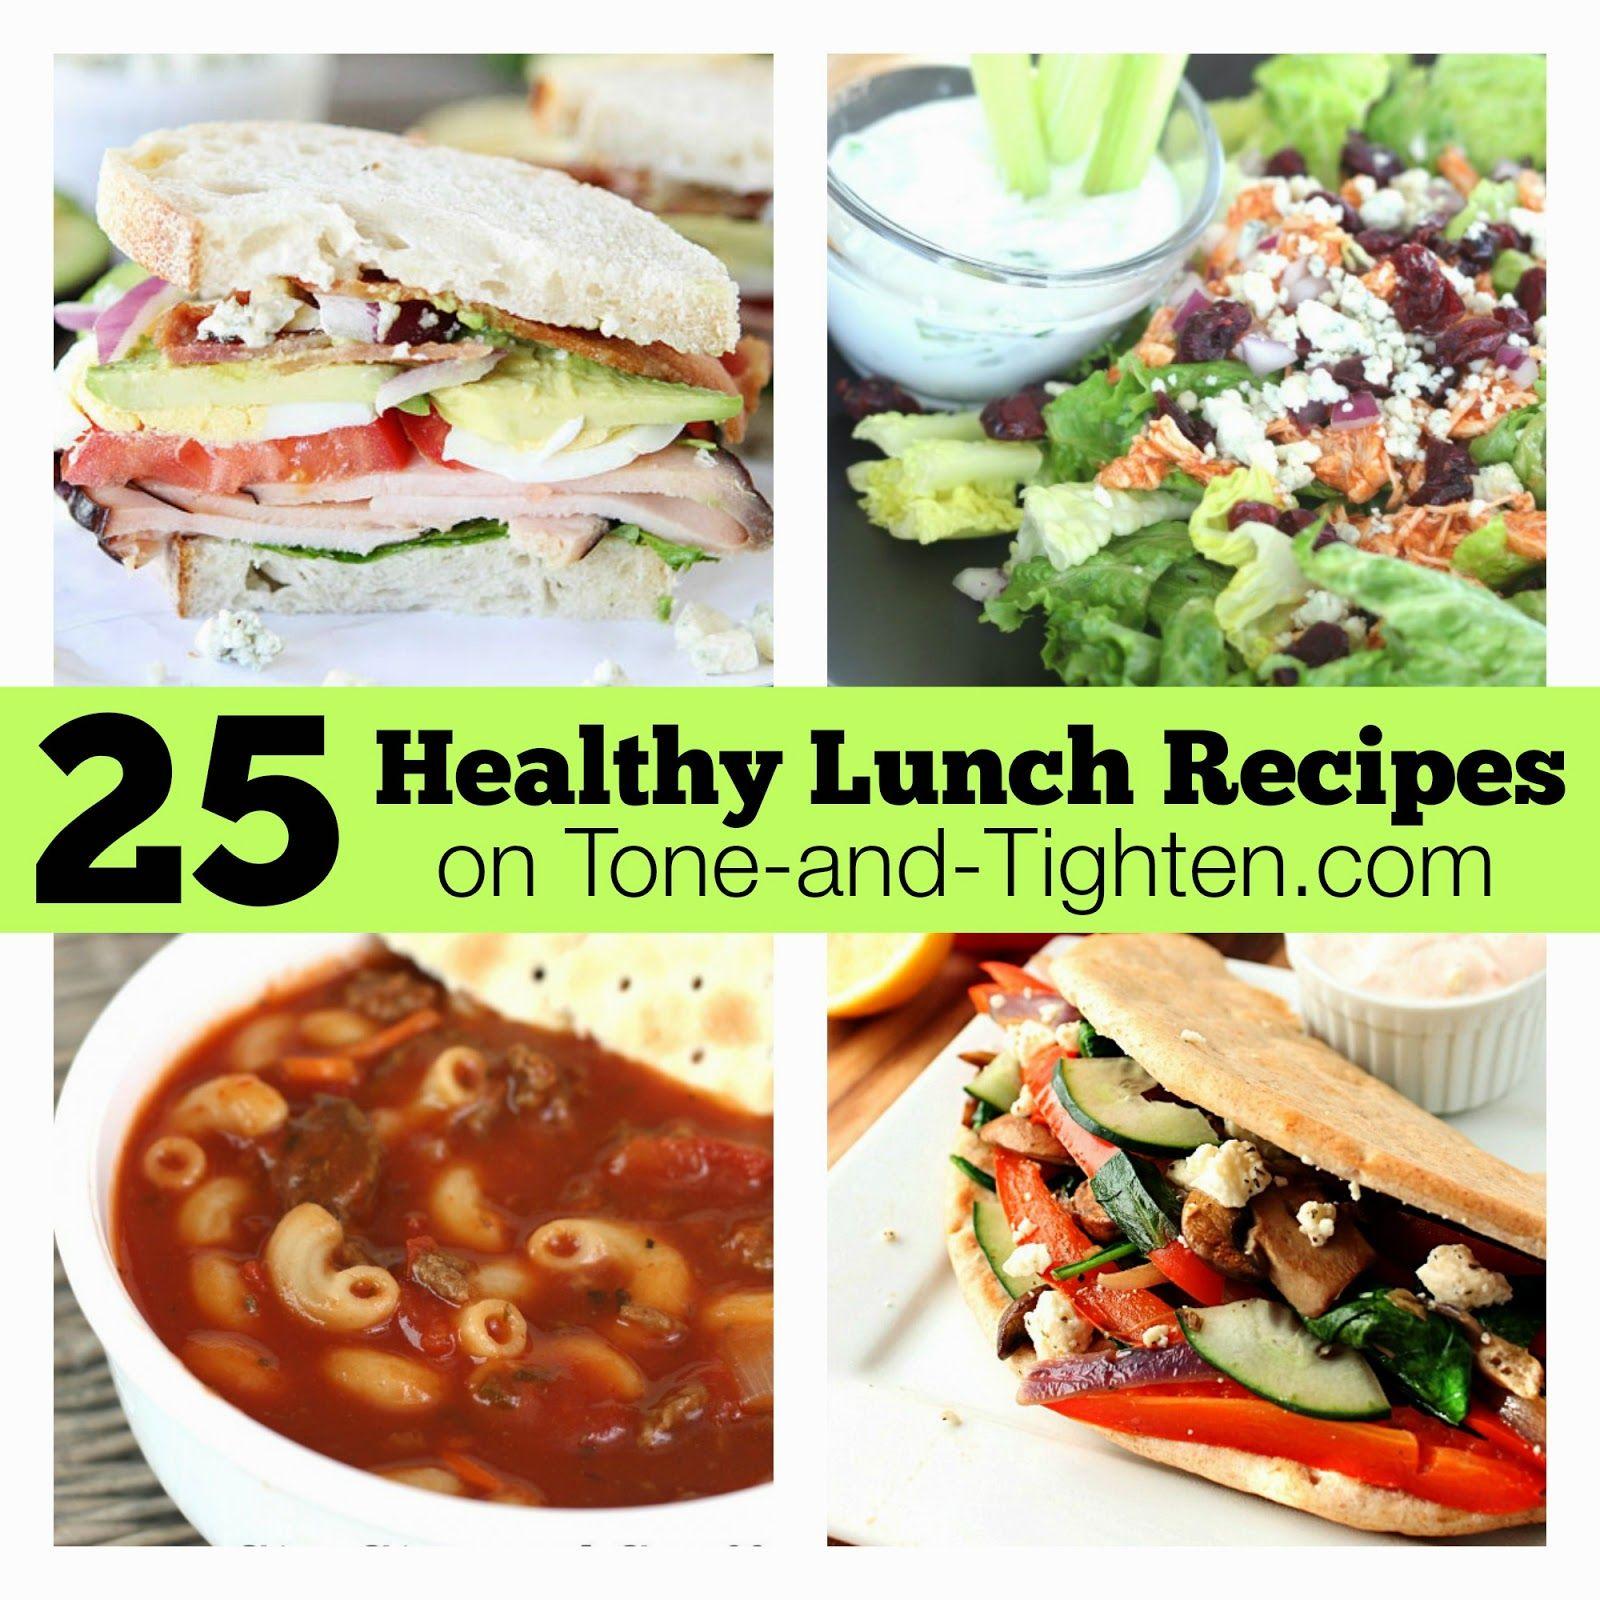 Easy Tasty Lunch Ideas 64 Easy Dinner Recipes for Two Dinners 64 35 easy tasty lunch ideas   Easy Tasty Lunch Ideas Whole30 Lunch   of Easy Tasty Lunch Ideas